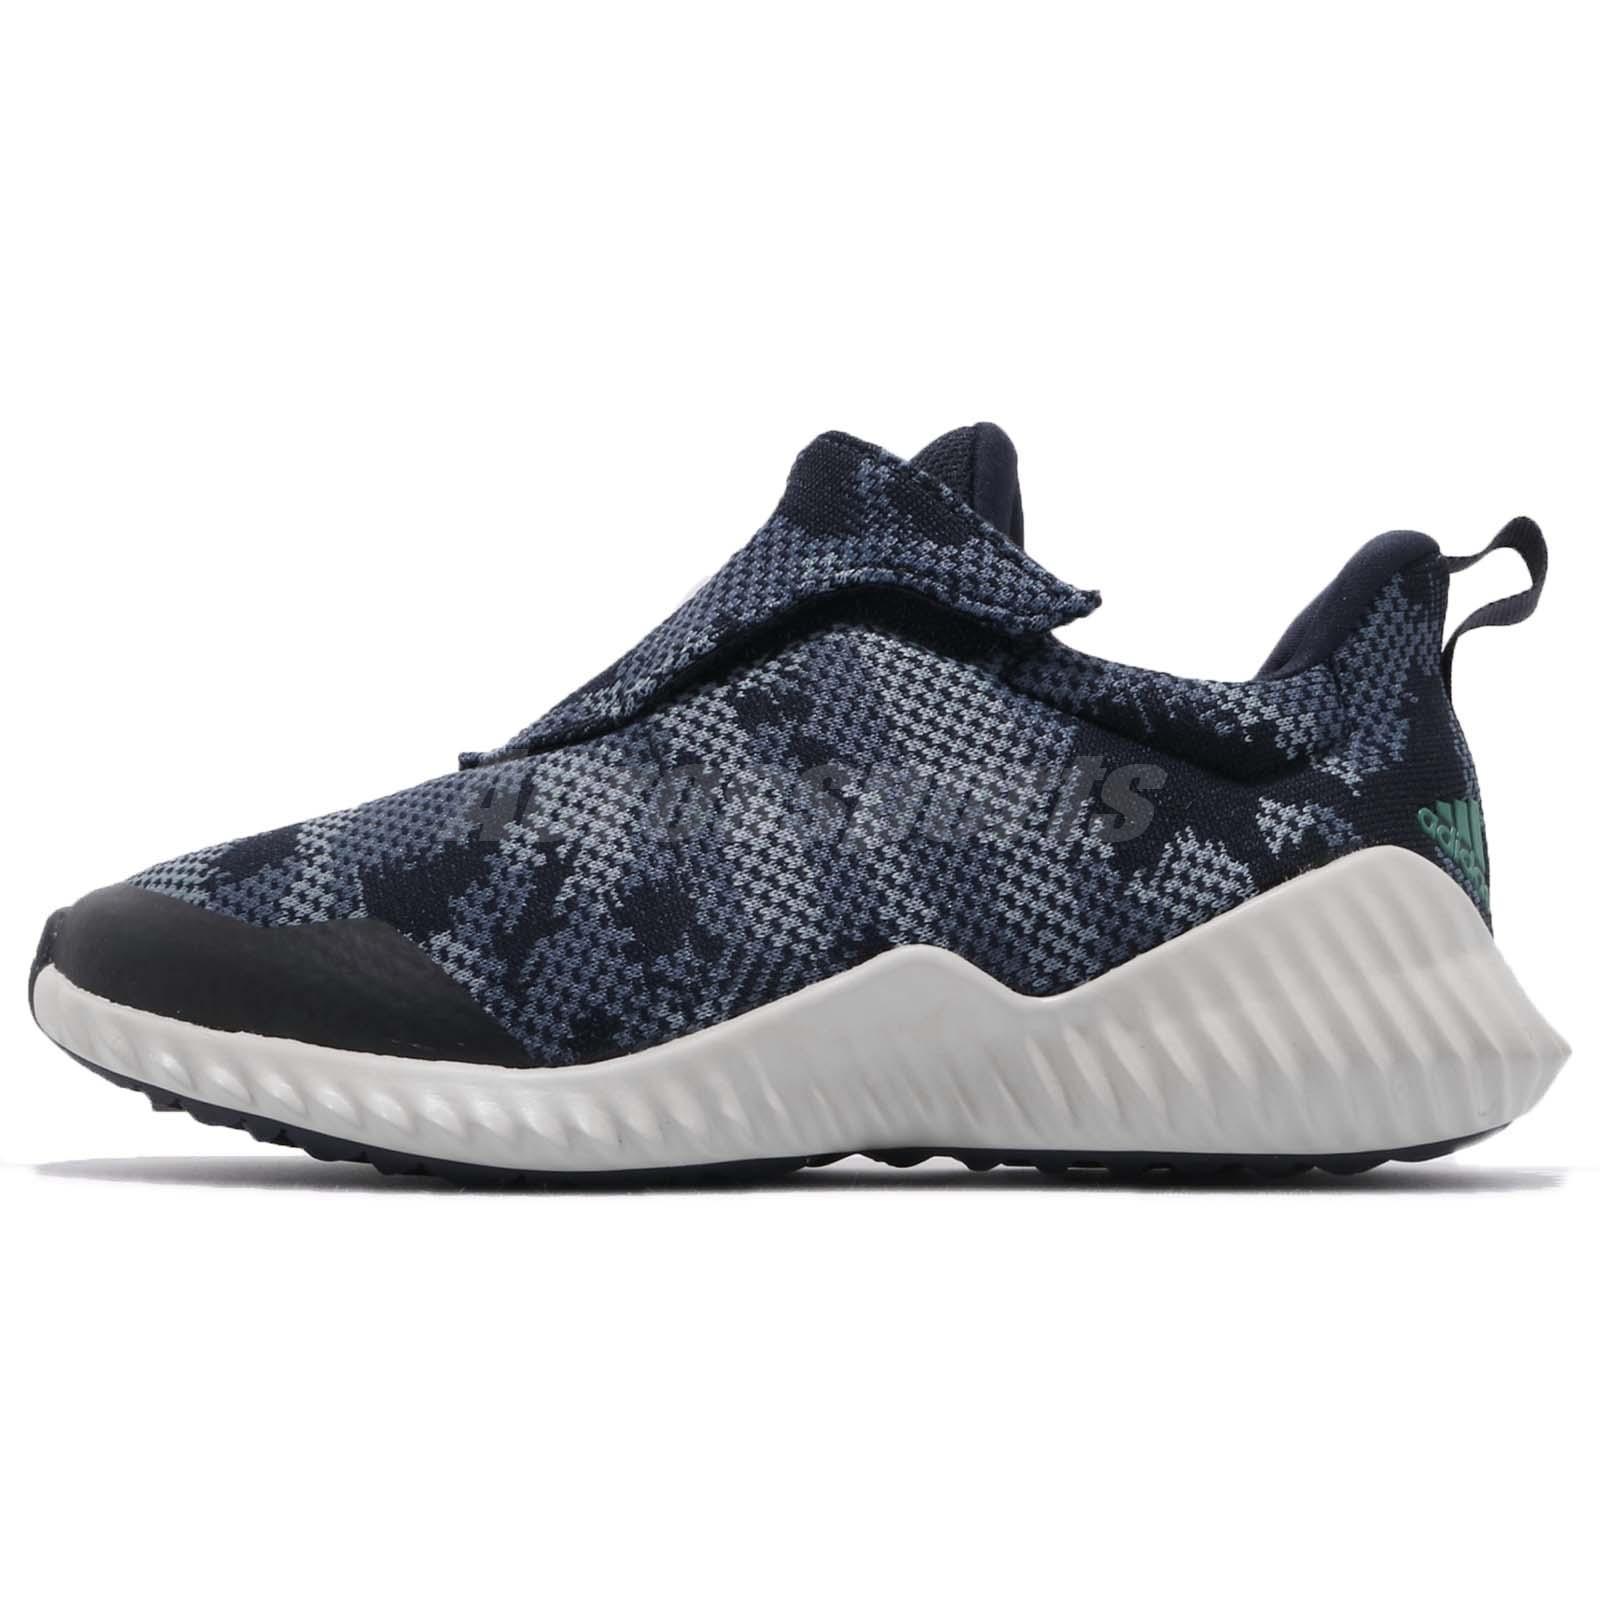 reputable site 8330f 1aa8d adidas FortaRun AC K Blue Grey Navy Kid Preschool Slip On Shoes Sneakers  AH2629